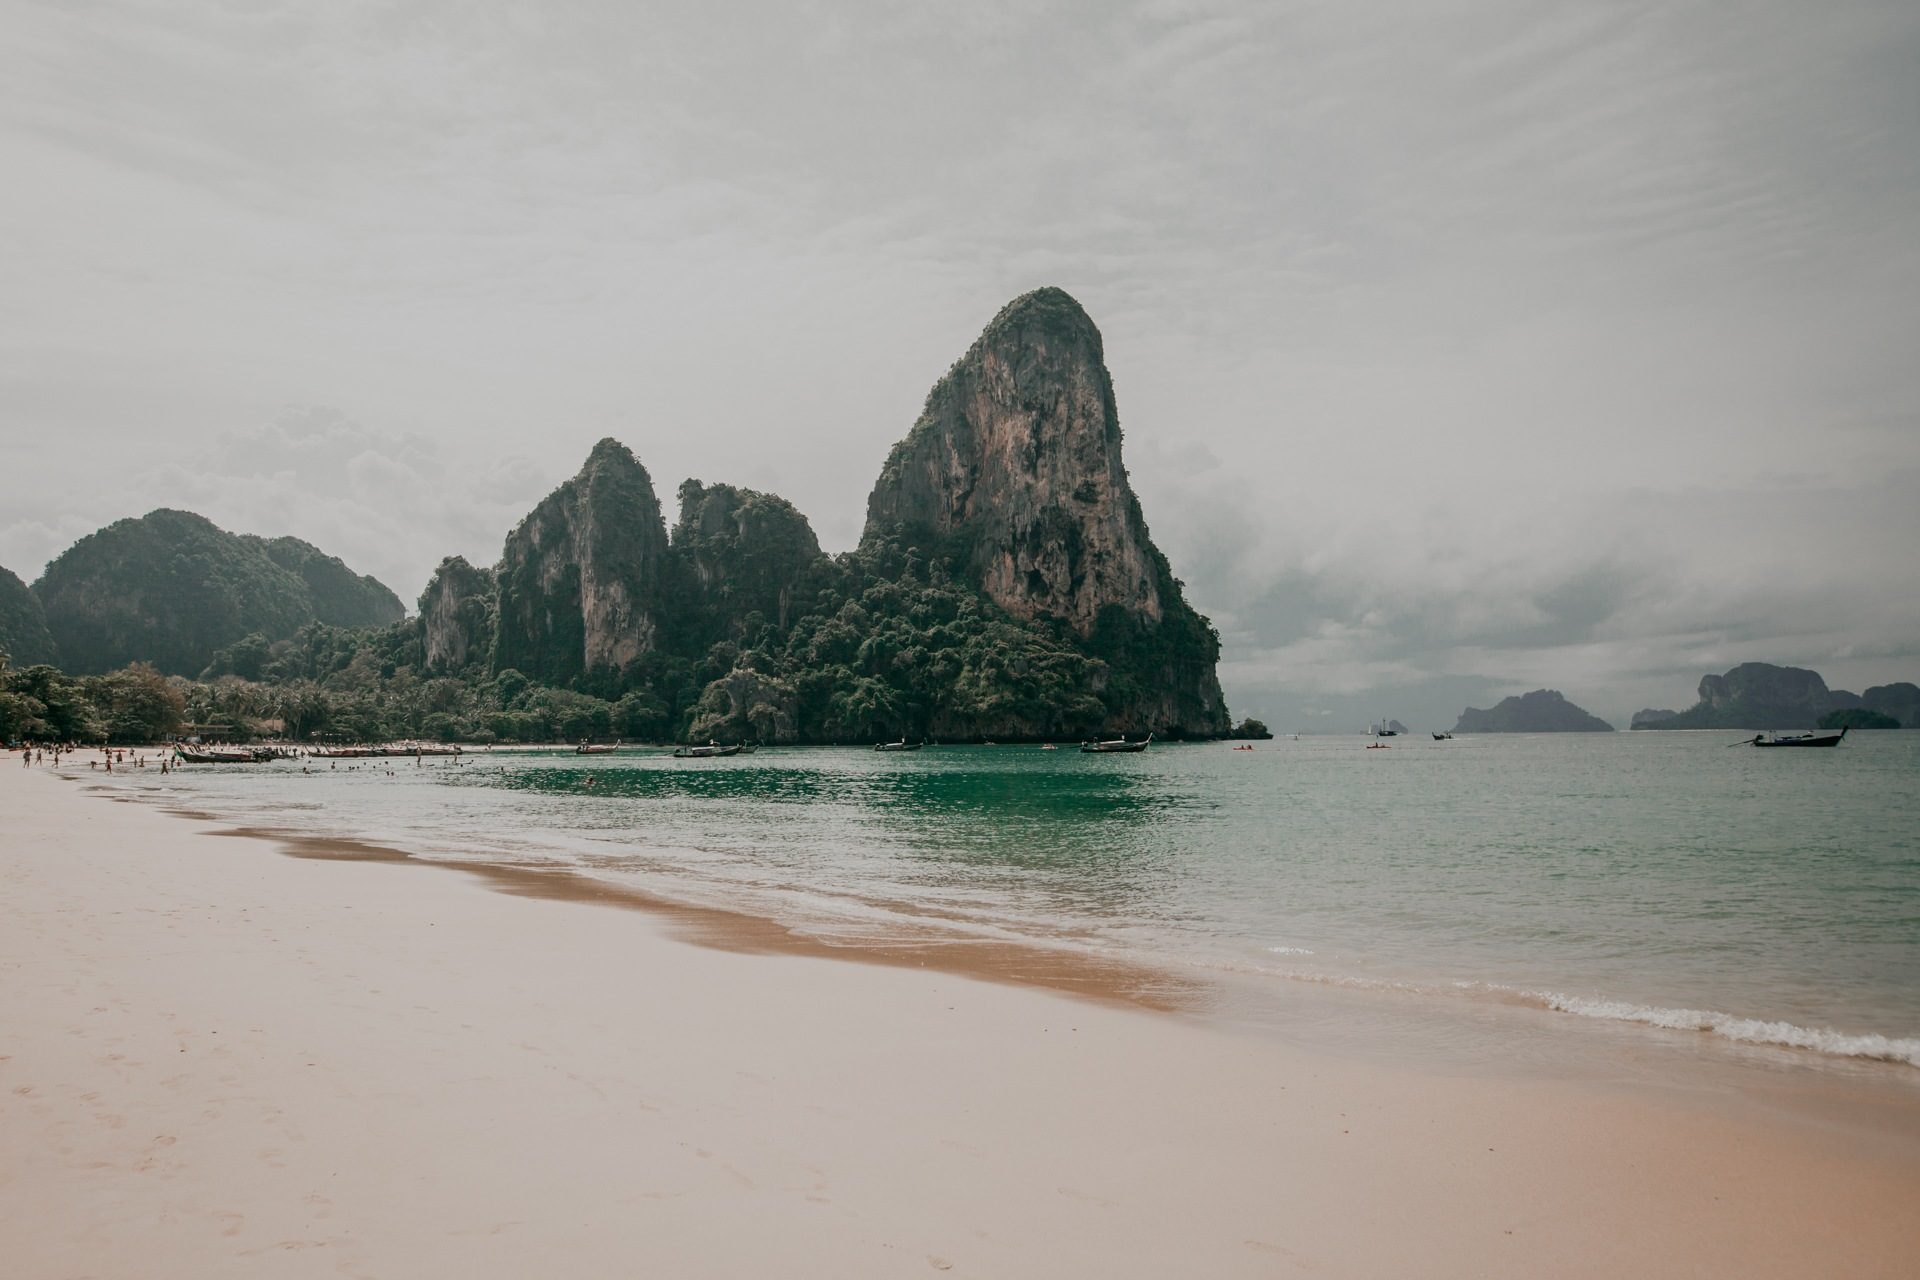 Tajlandia - najpiękniejsze miejsca, przewodnik, informacje praktyczne. Blog podróżniczy